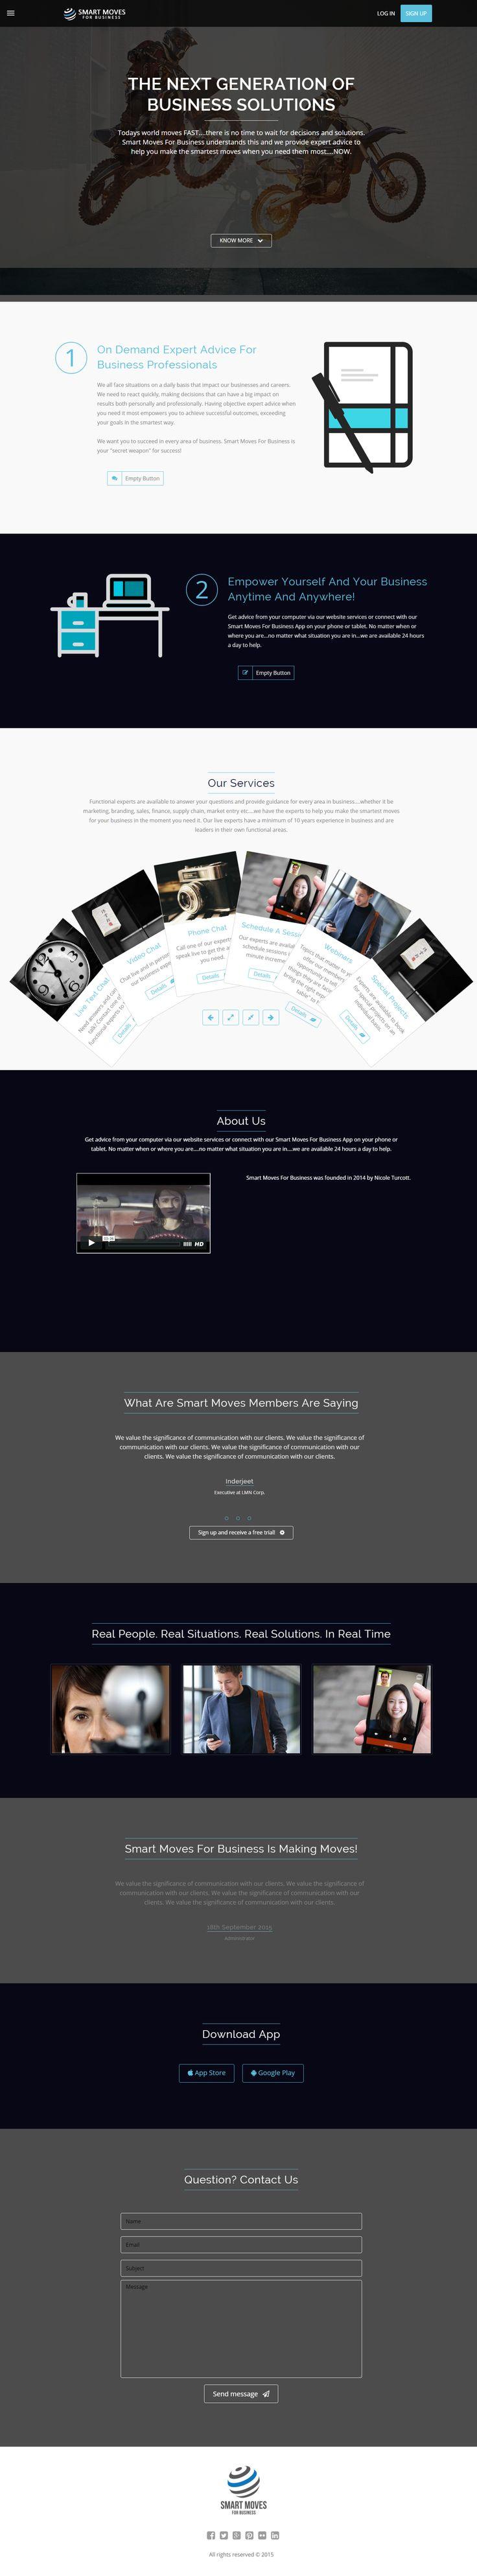 #WebConference Business Sample design #webbrainz